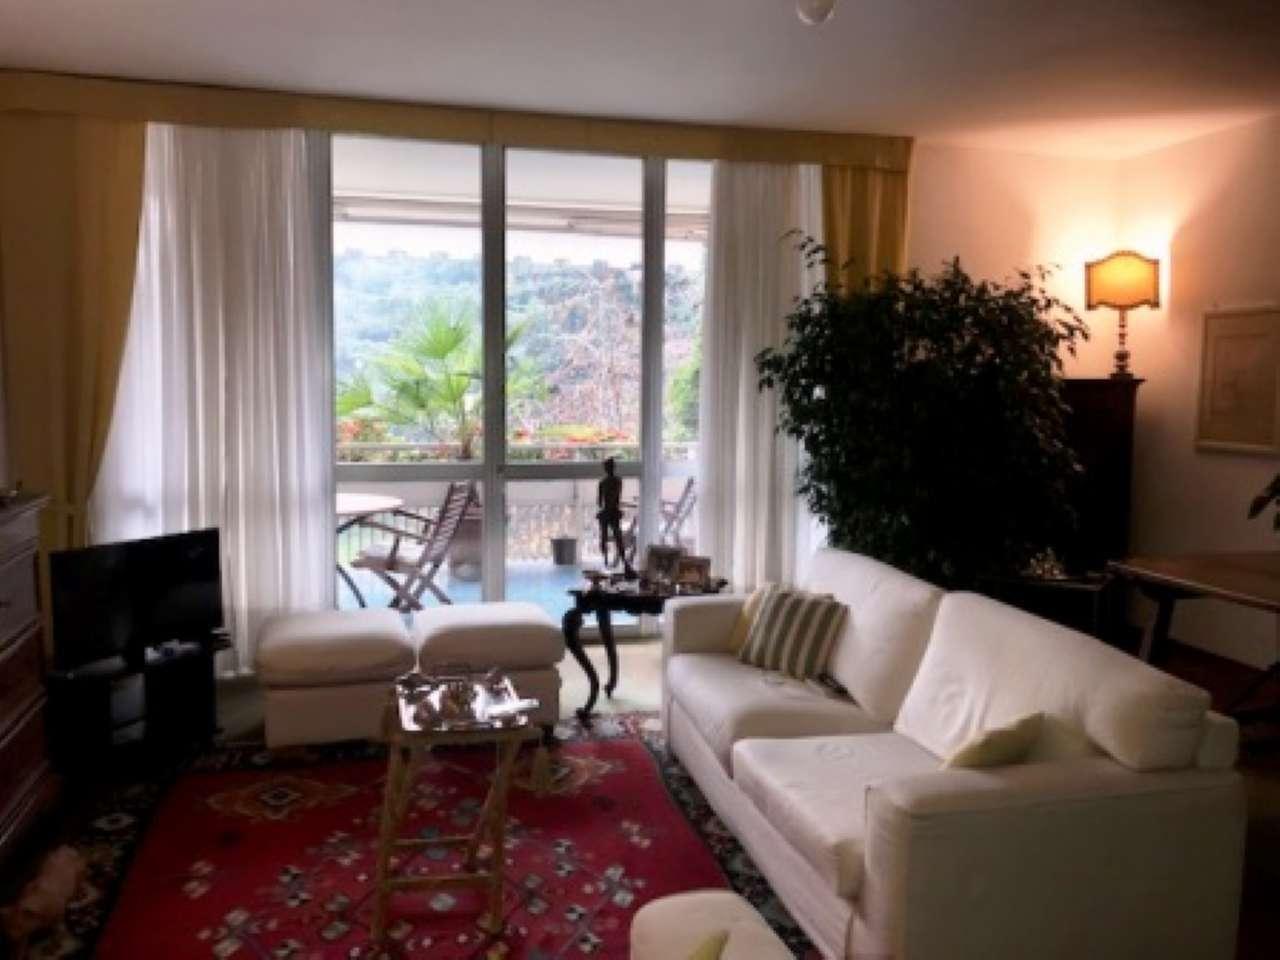 Appartamento in vendita a Segrate, 5 locali, prezzo € 350.000 | PortaleAgenzieImmobiliari.it